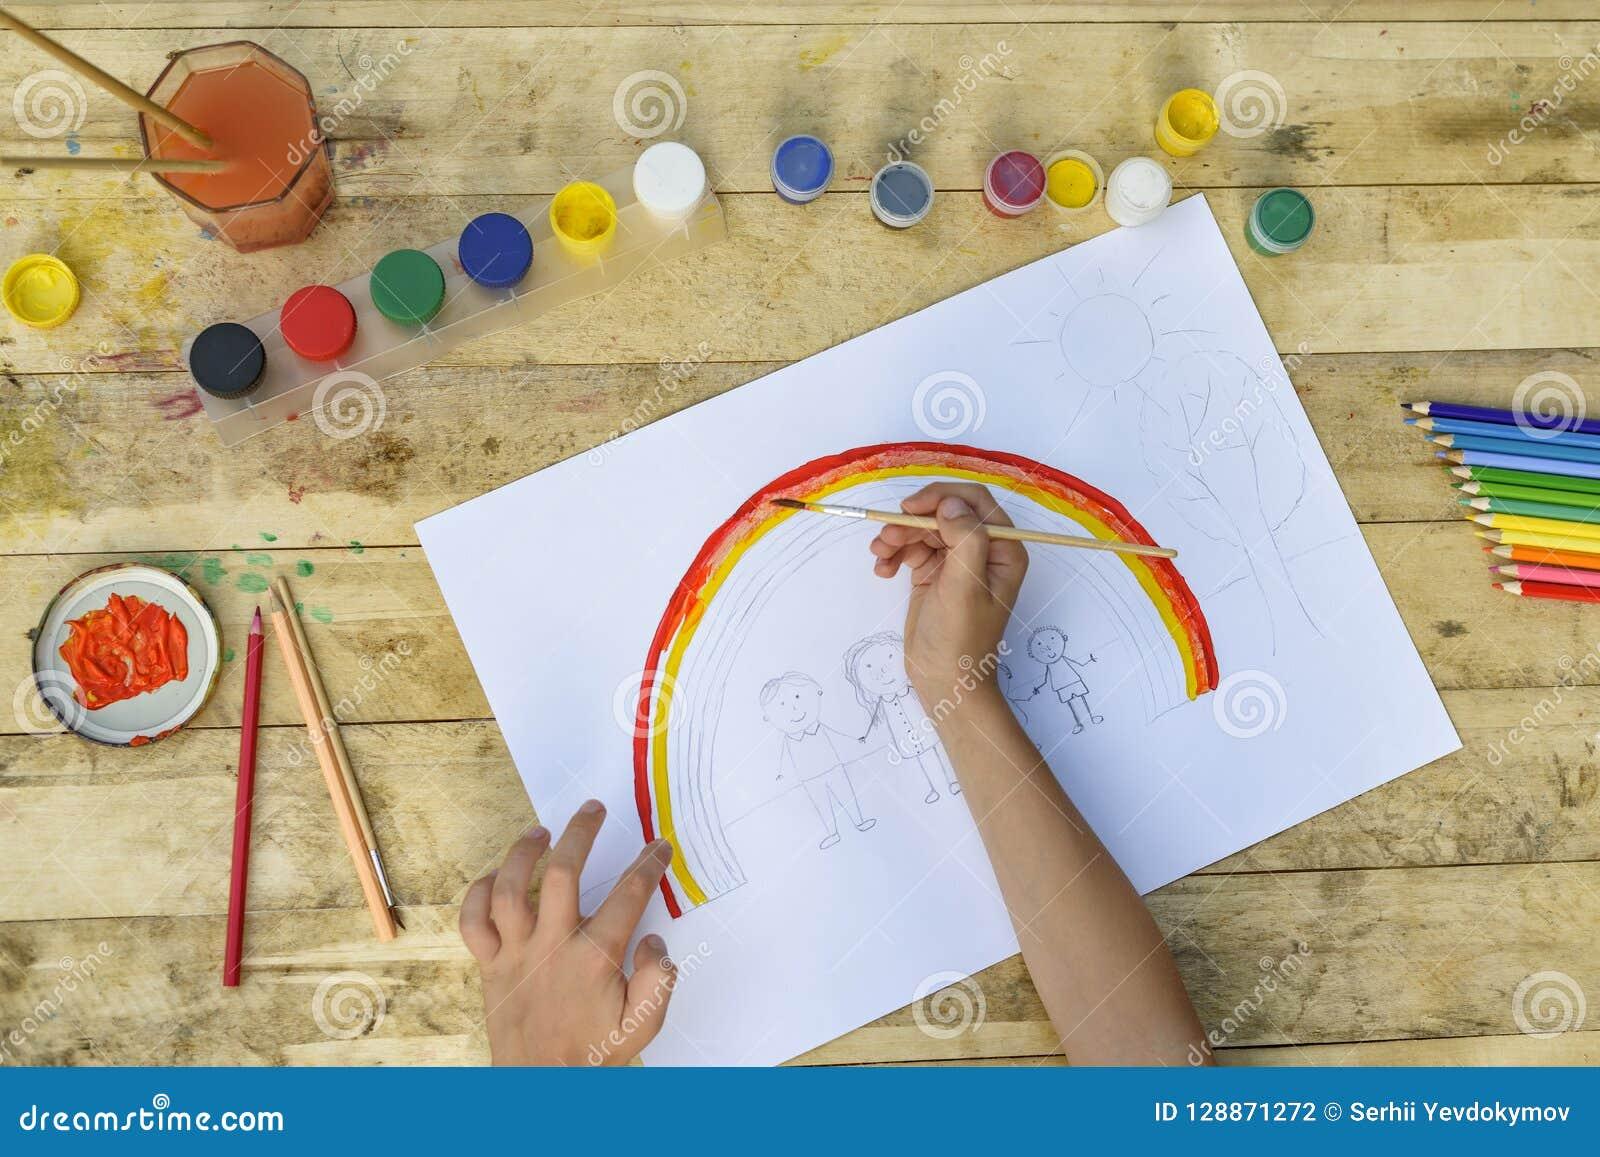 Die Hände der Kinder malen eine Zeichnung mit einer Bürste und Farben Spitze VI